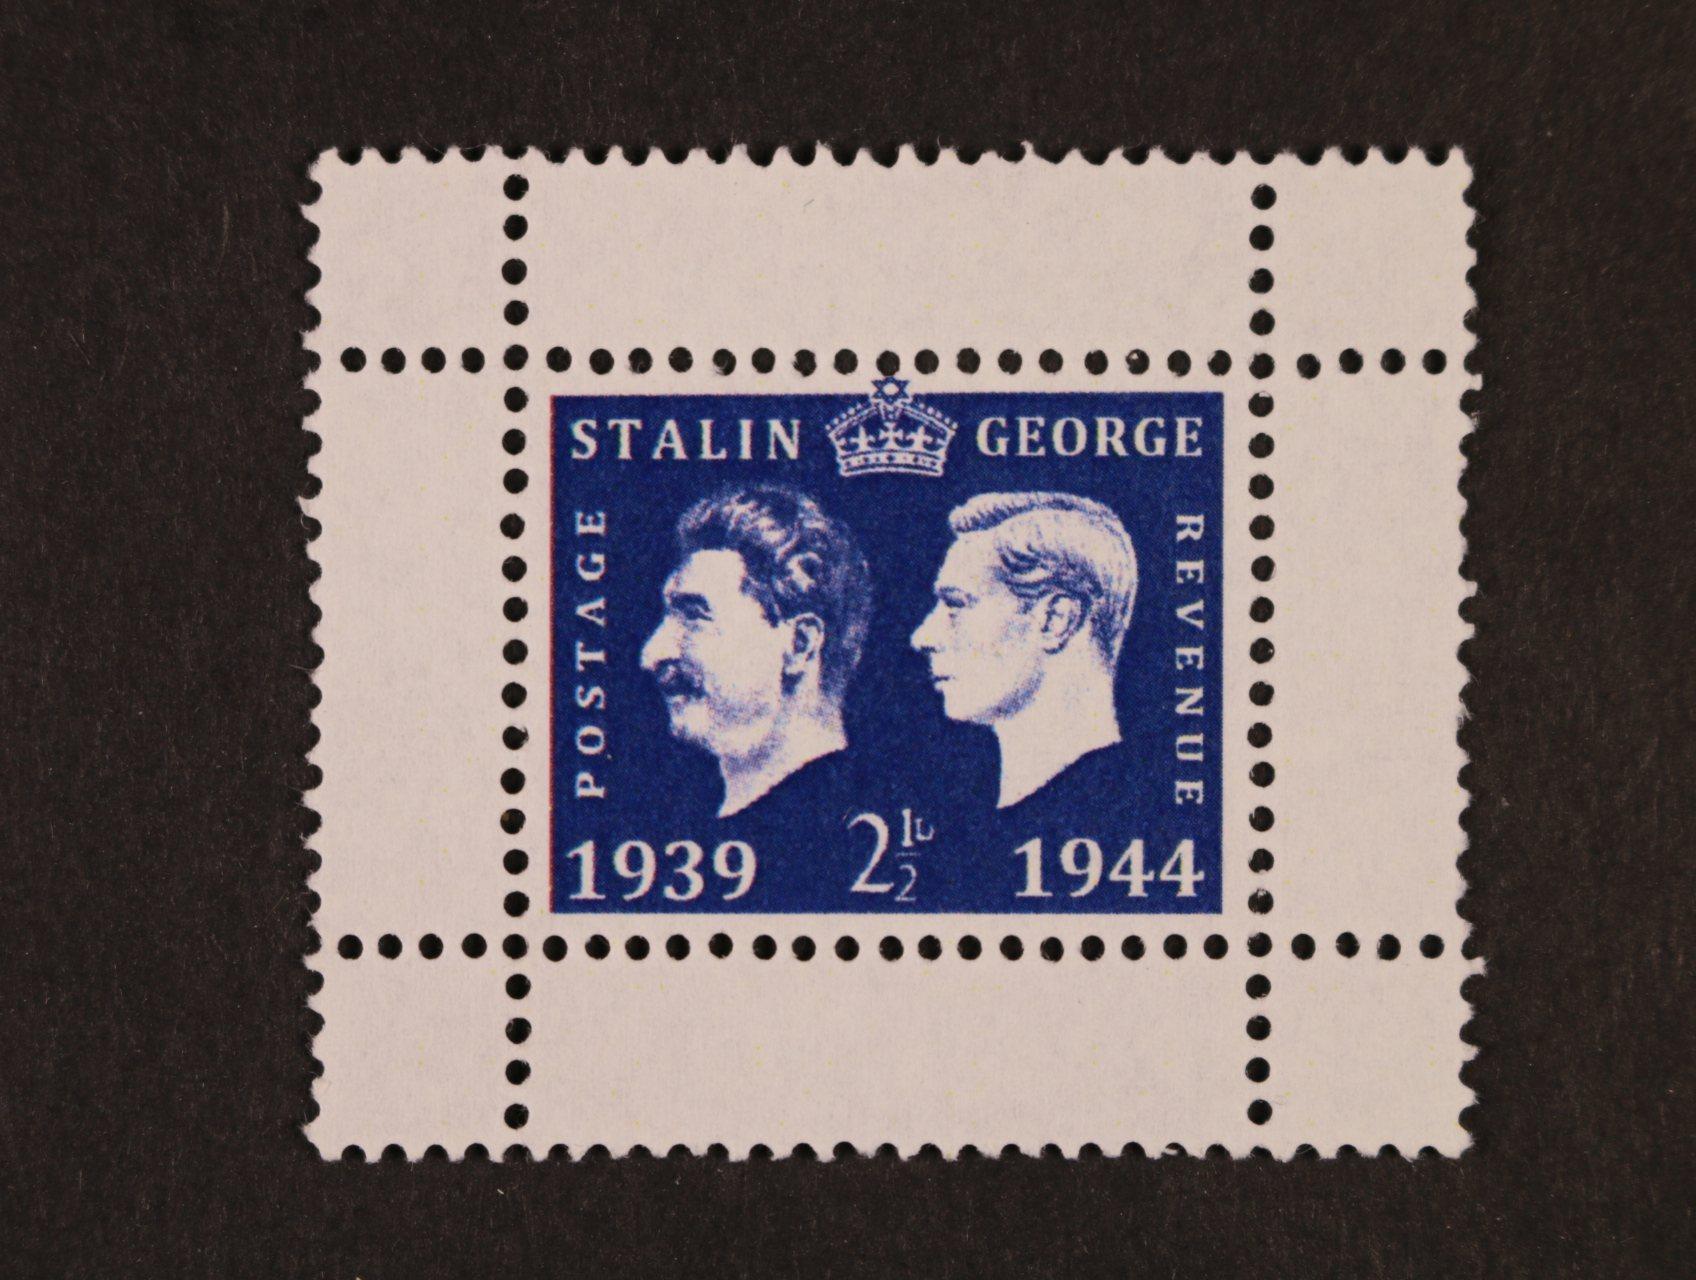 Propagační falza - privátní tisk s hodnotou 2,5pence s portrétem Stalina a britského krále Jiřího v modré barvě na kousku papíru bez lepu s perforací